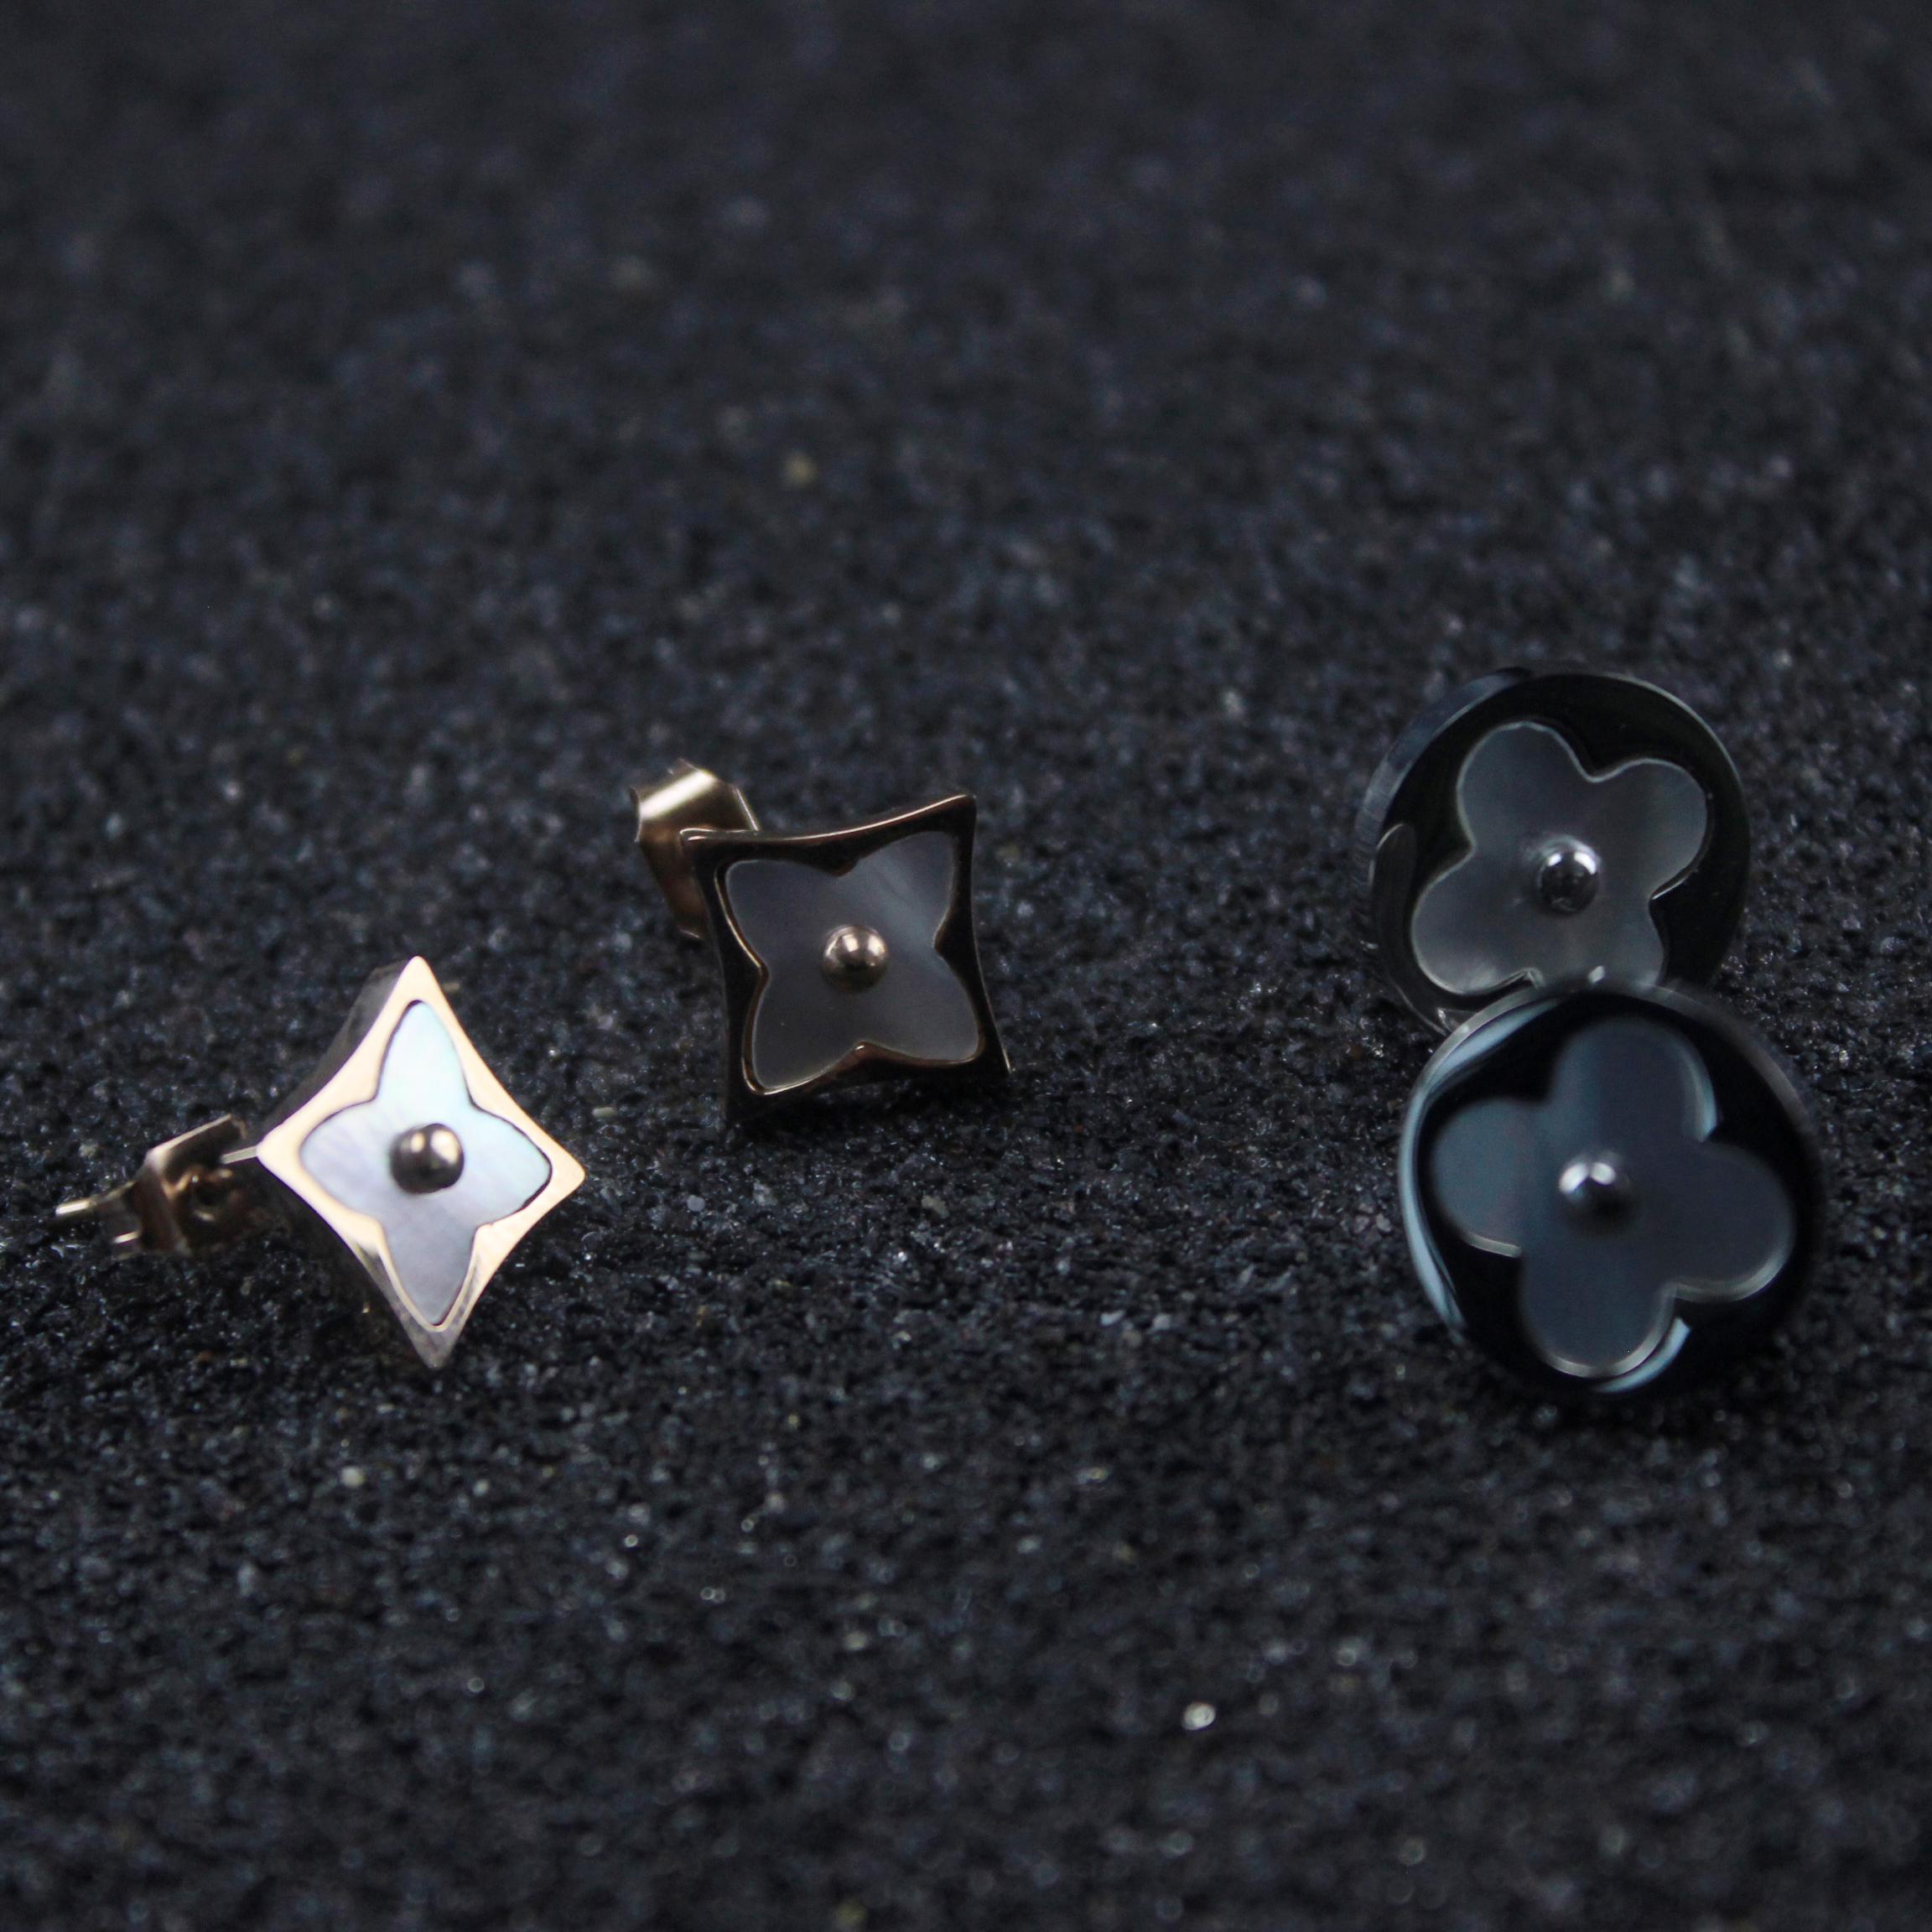 Ohrringe`Ohr Schmetterling in Perlmutt natürliche Weiß Super niedlich Geschenk